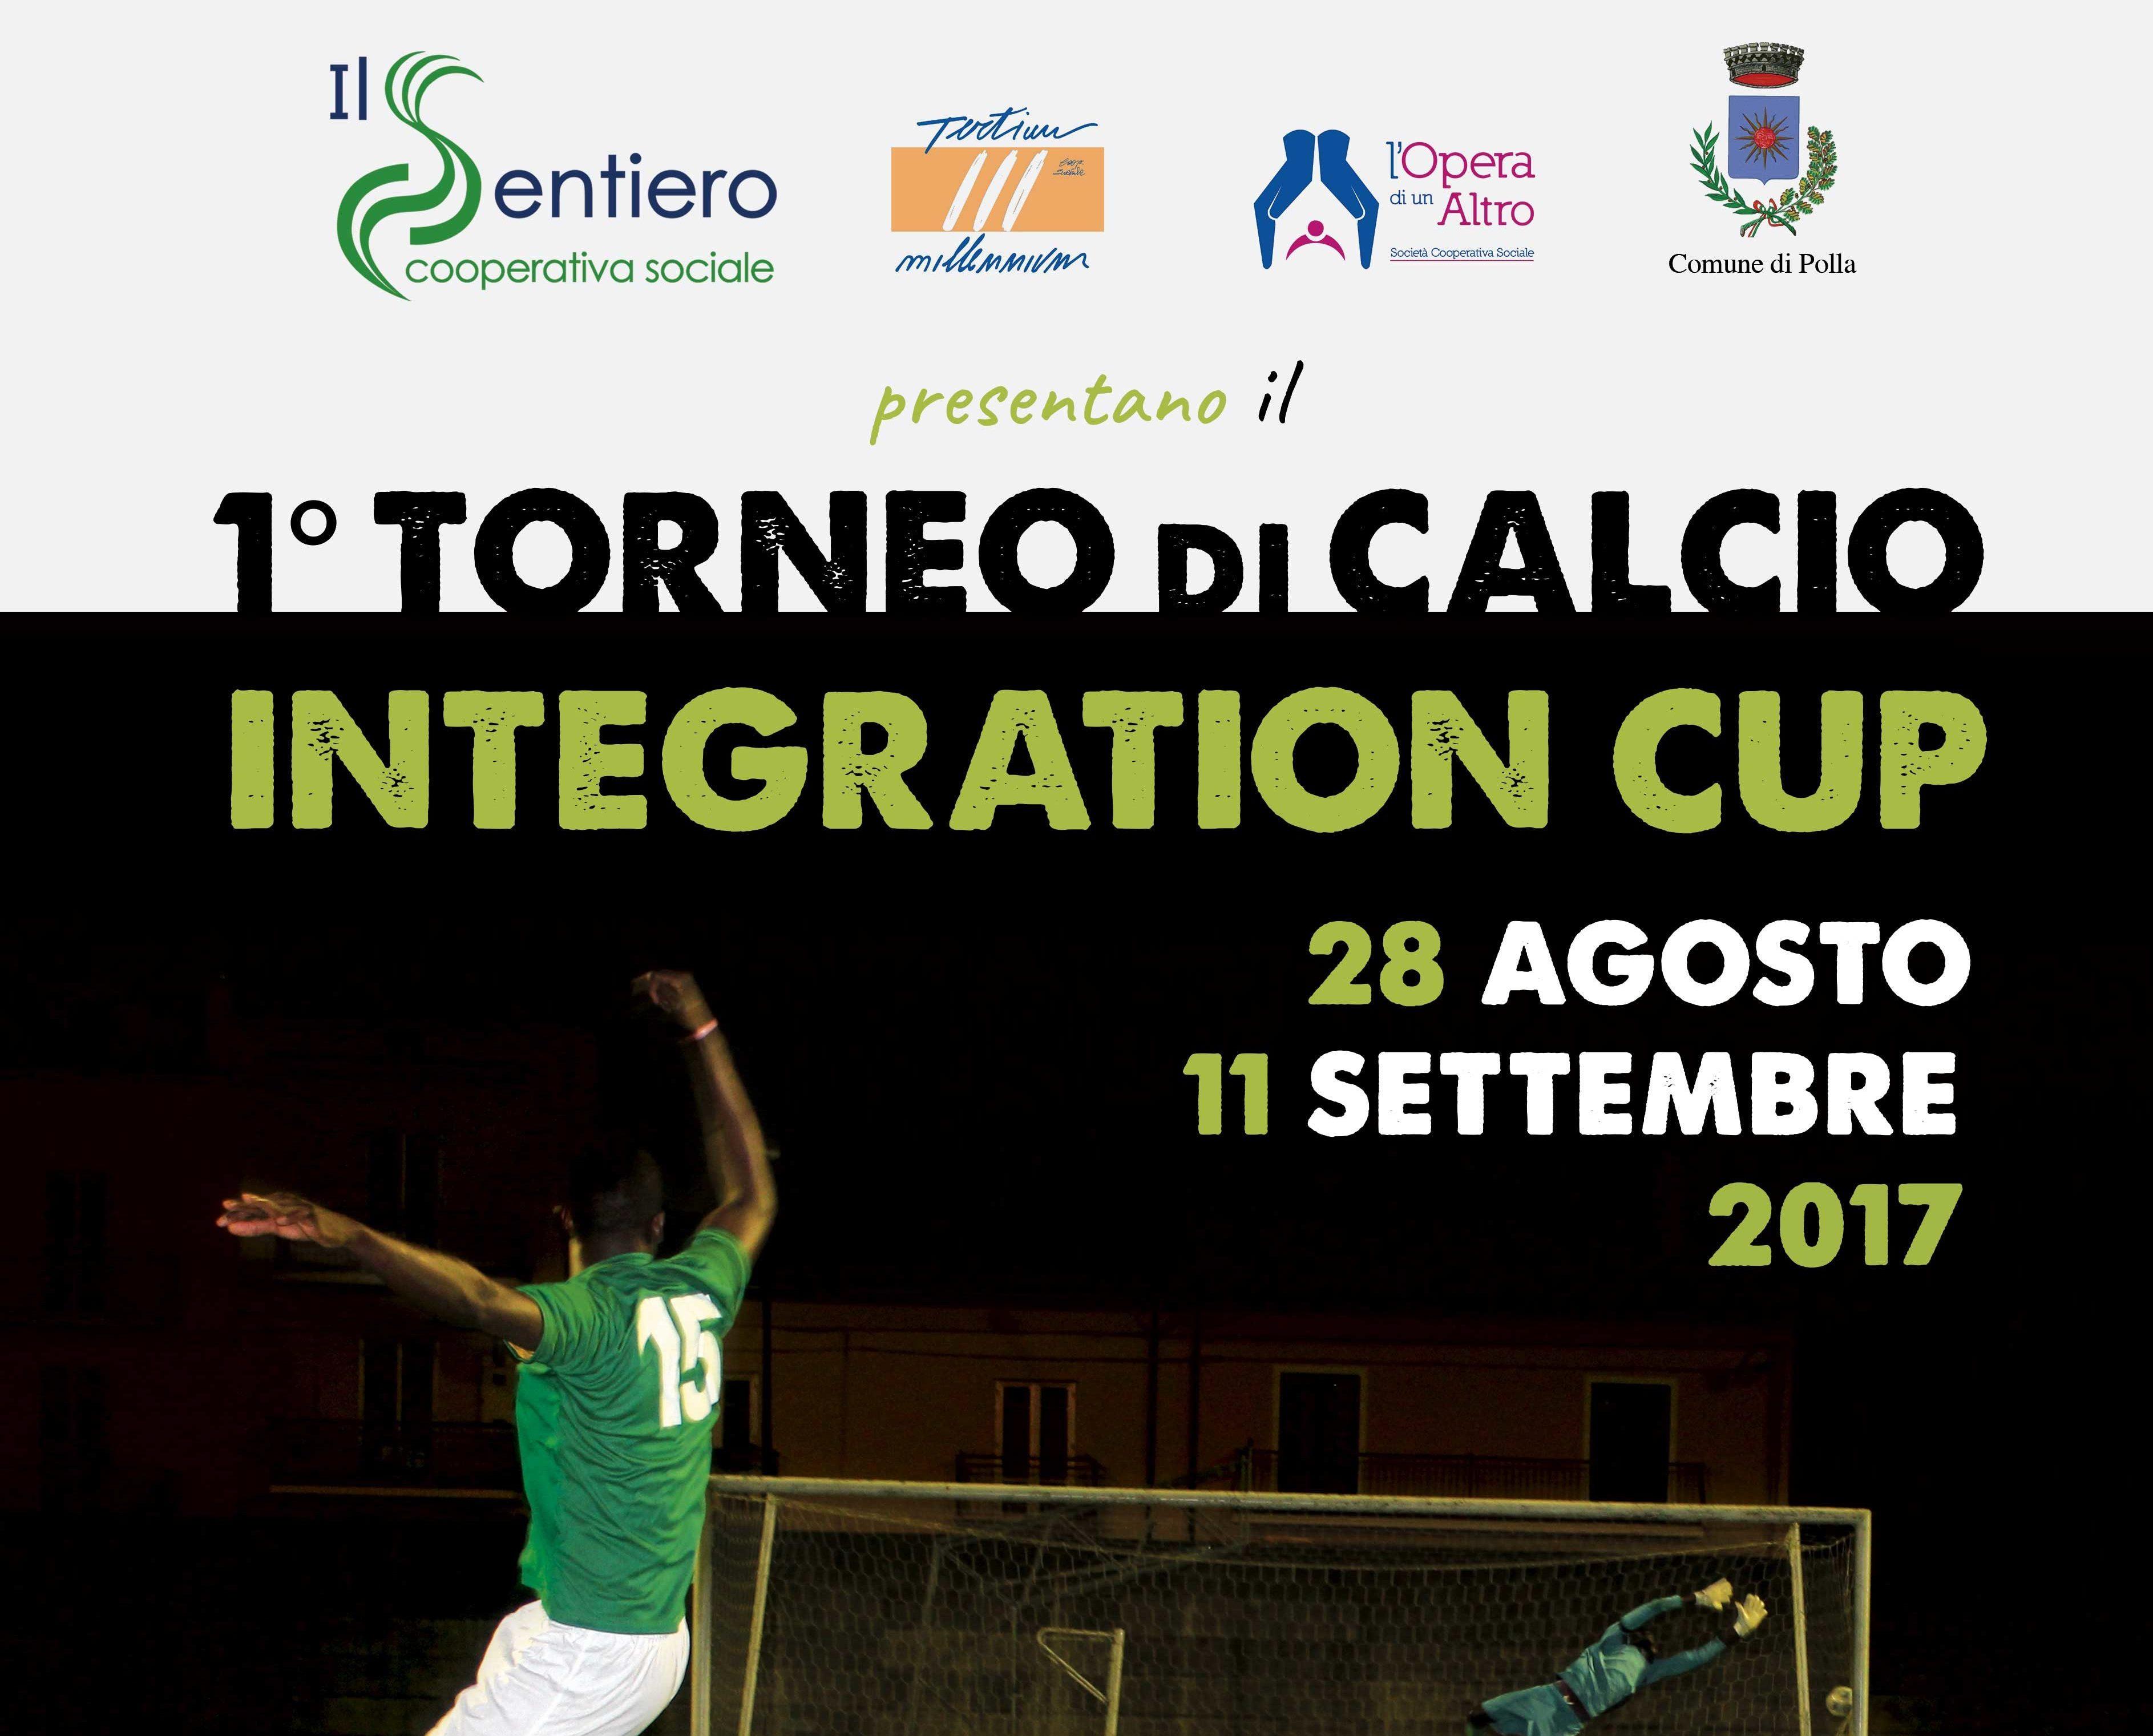 Fischio d'inizio per il Torneo Integration Cup